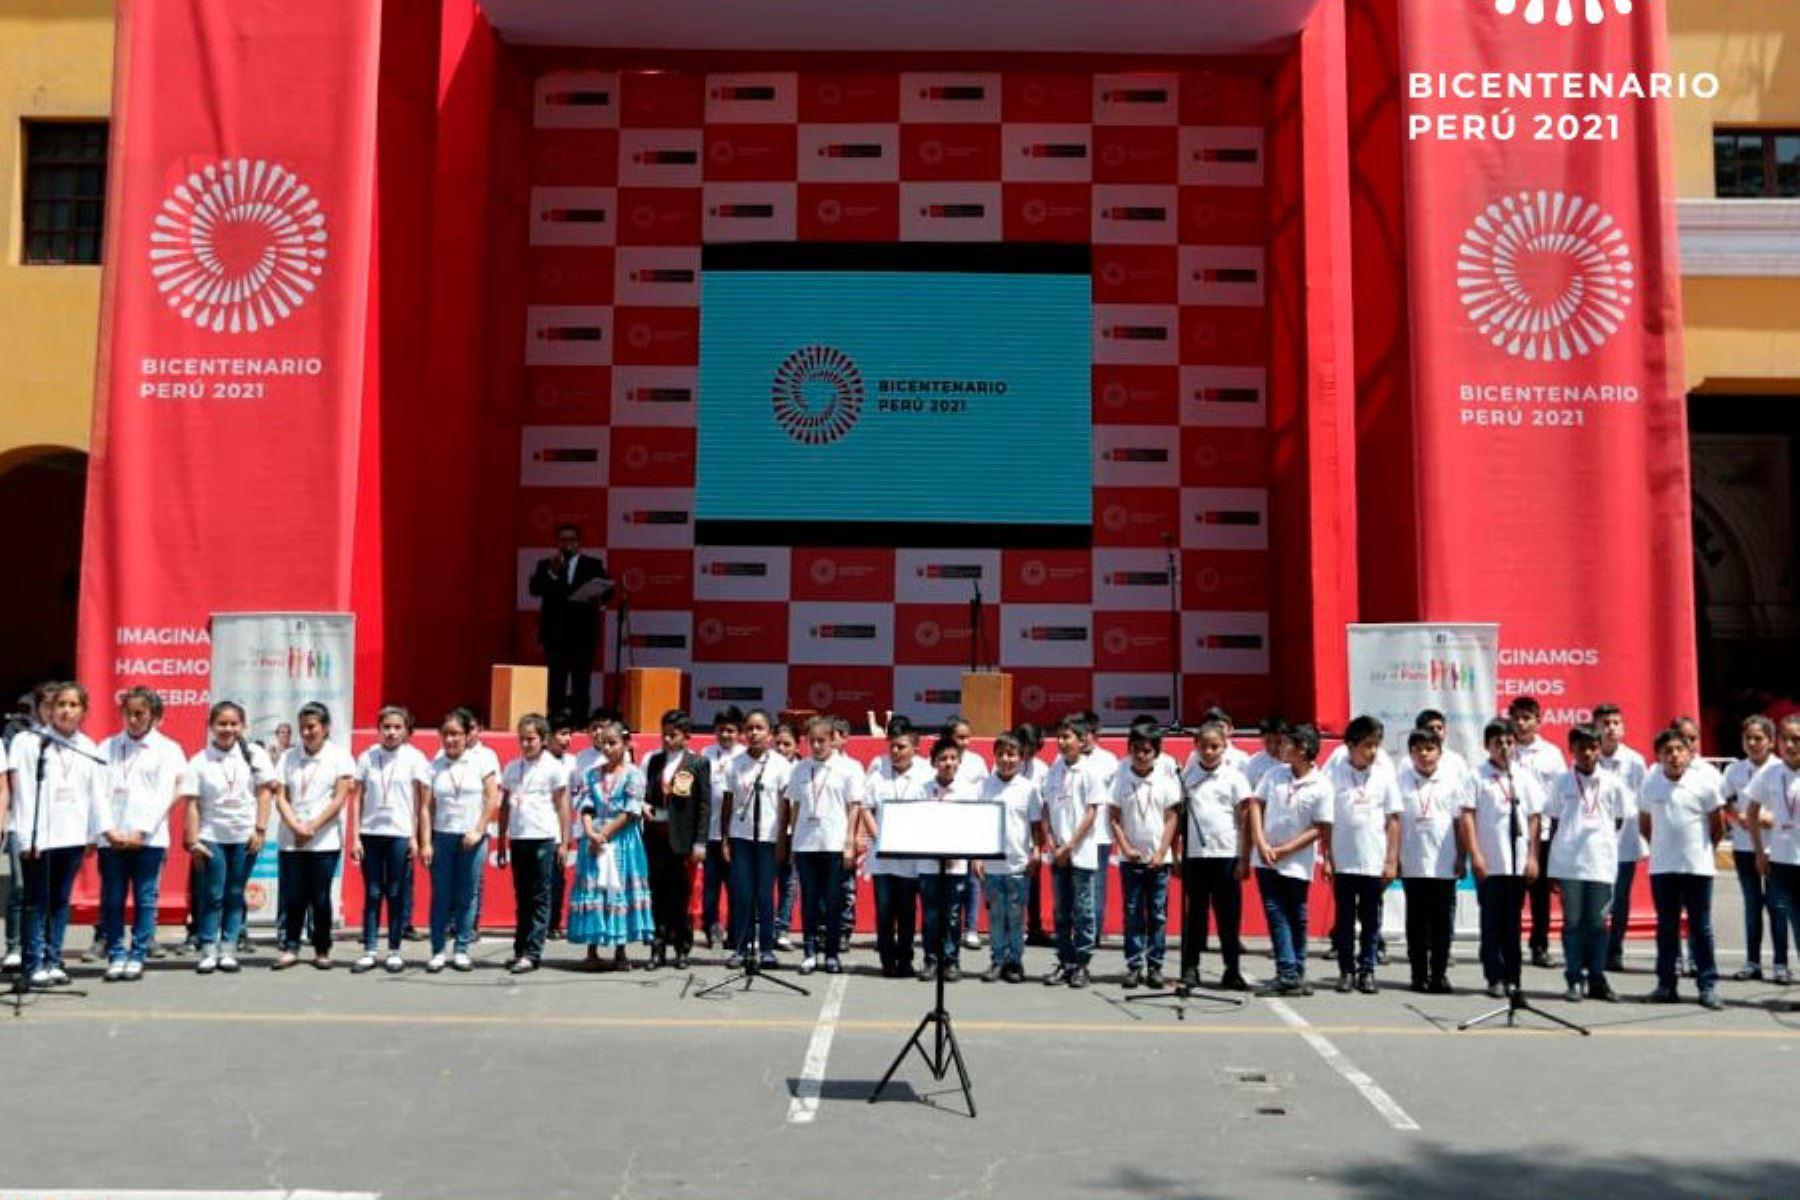 Ica vive ambiente festivo por lanzamiento de la Agenda Bicentenario.